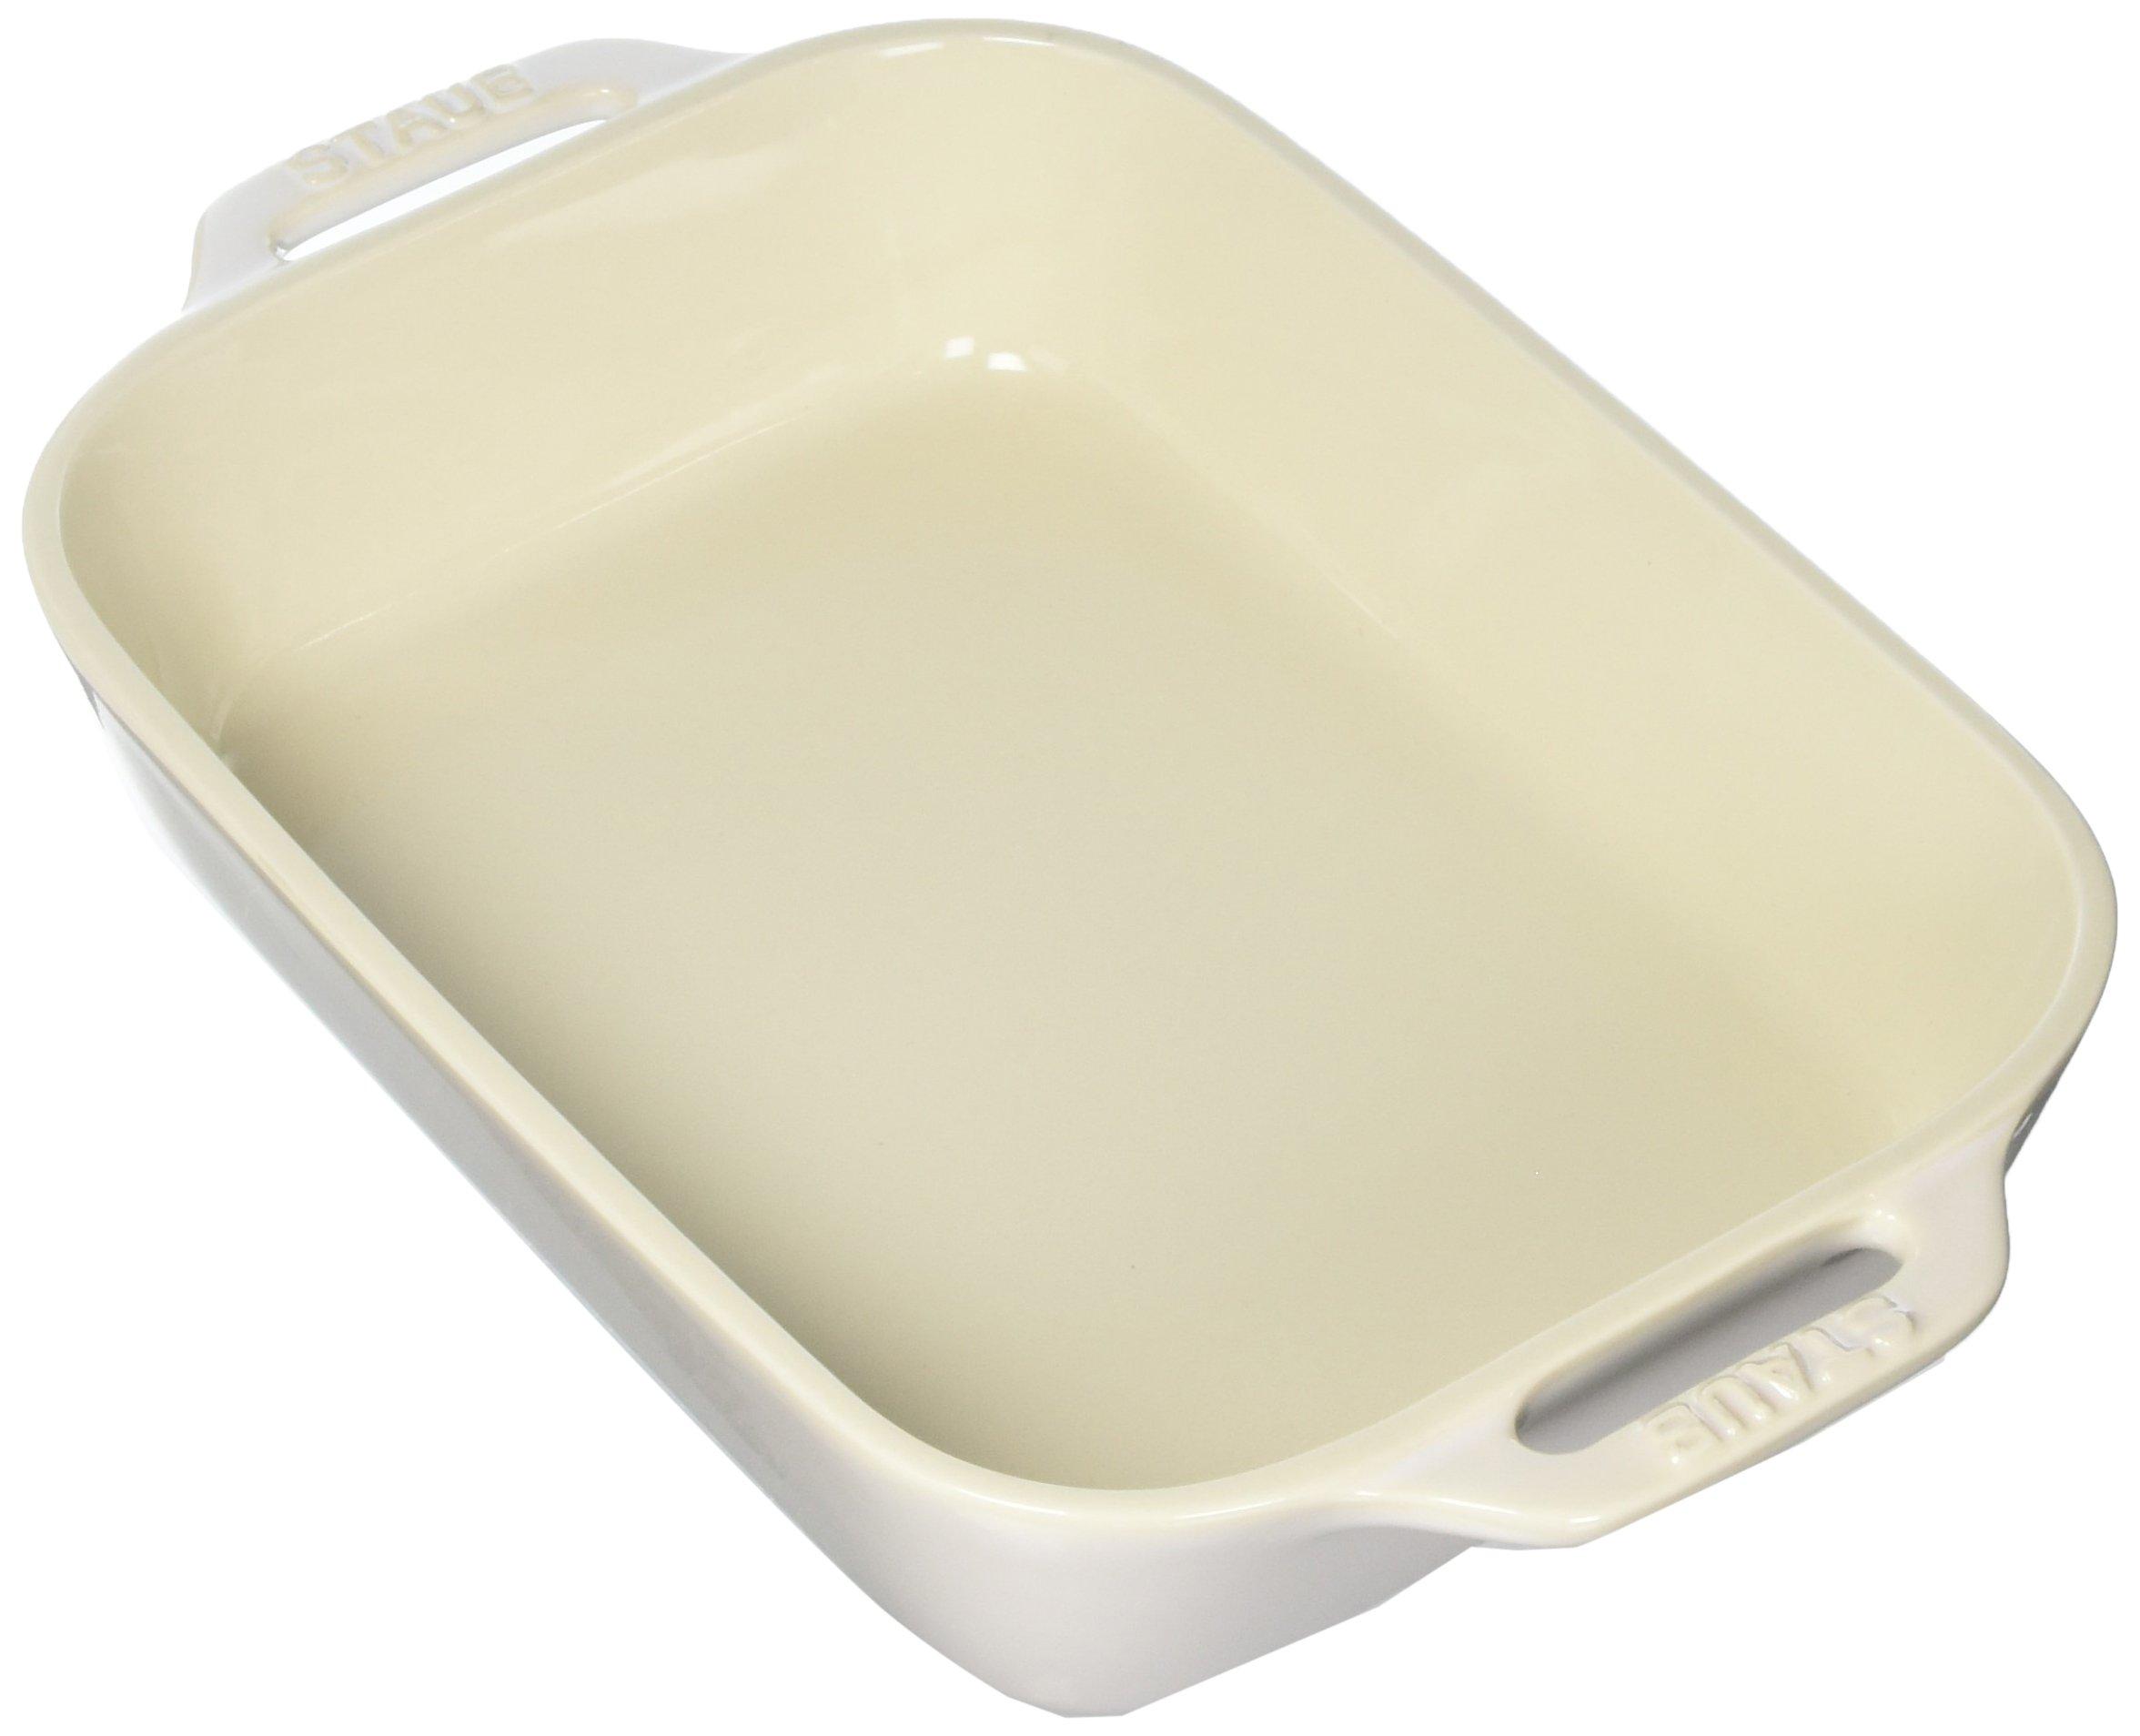 Staub 40511-883 Ceramics Rectangular Baking Dish, 10.5x7.5-inch, Rustic Ivory by STAUB (Image #1)